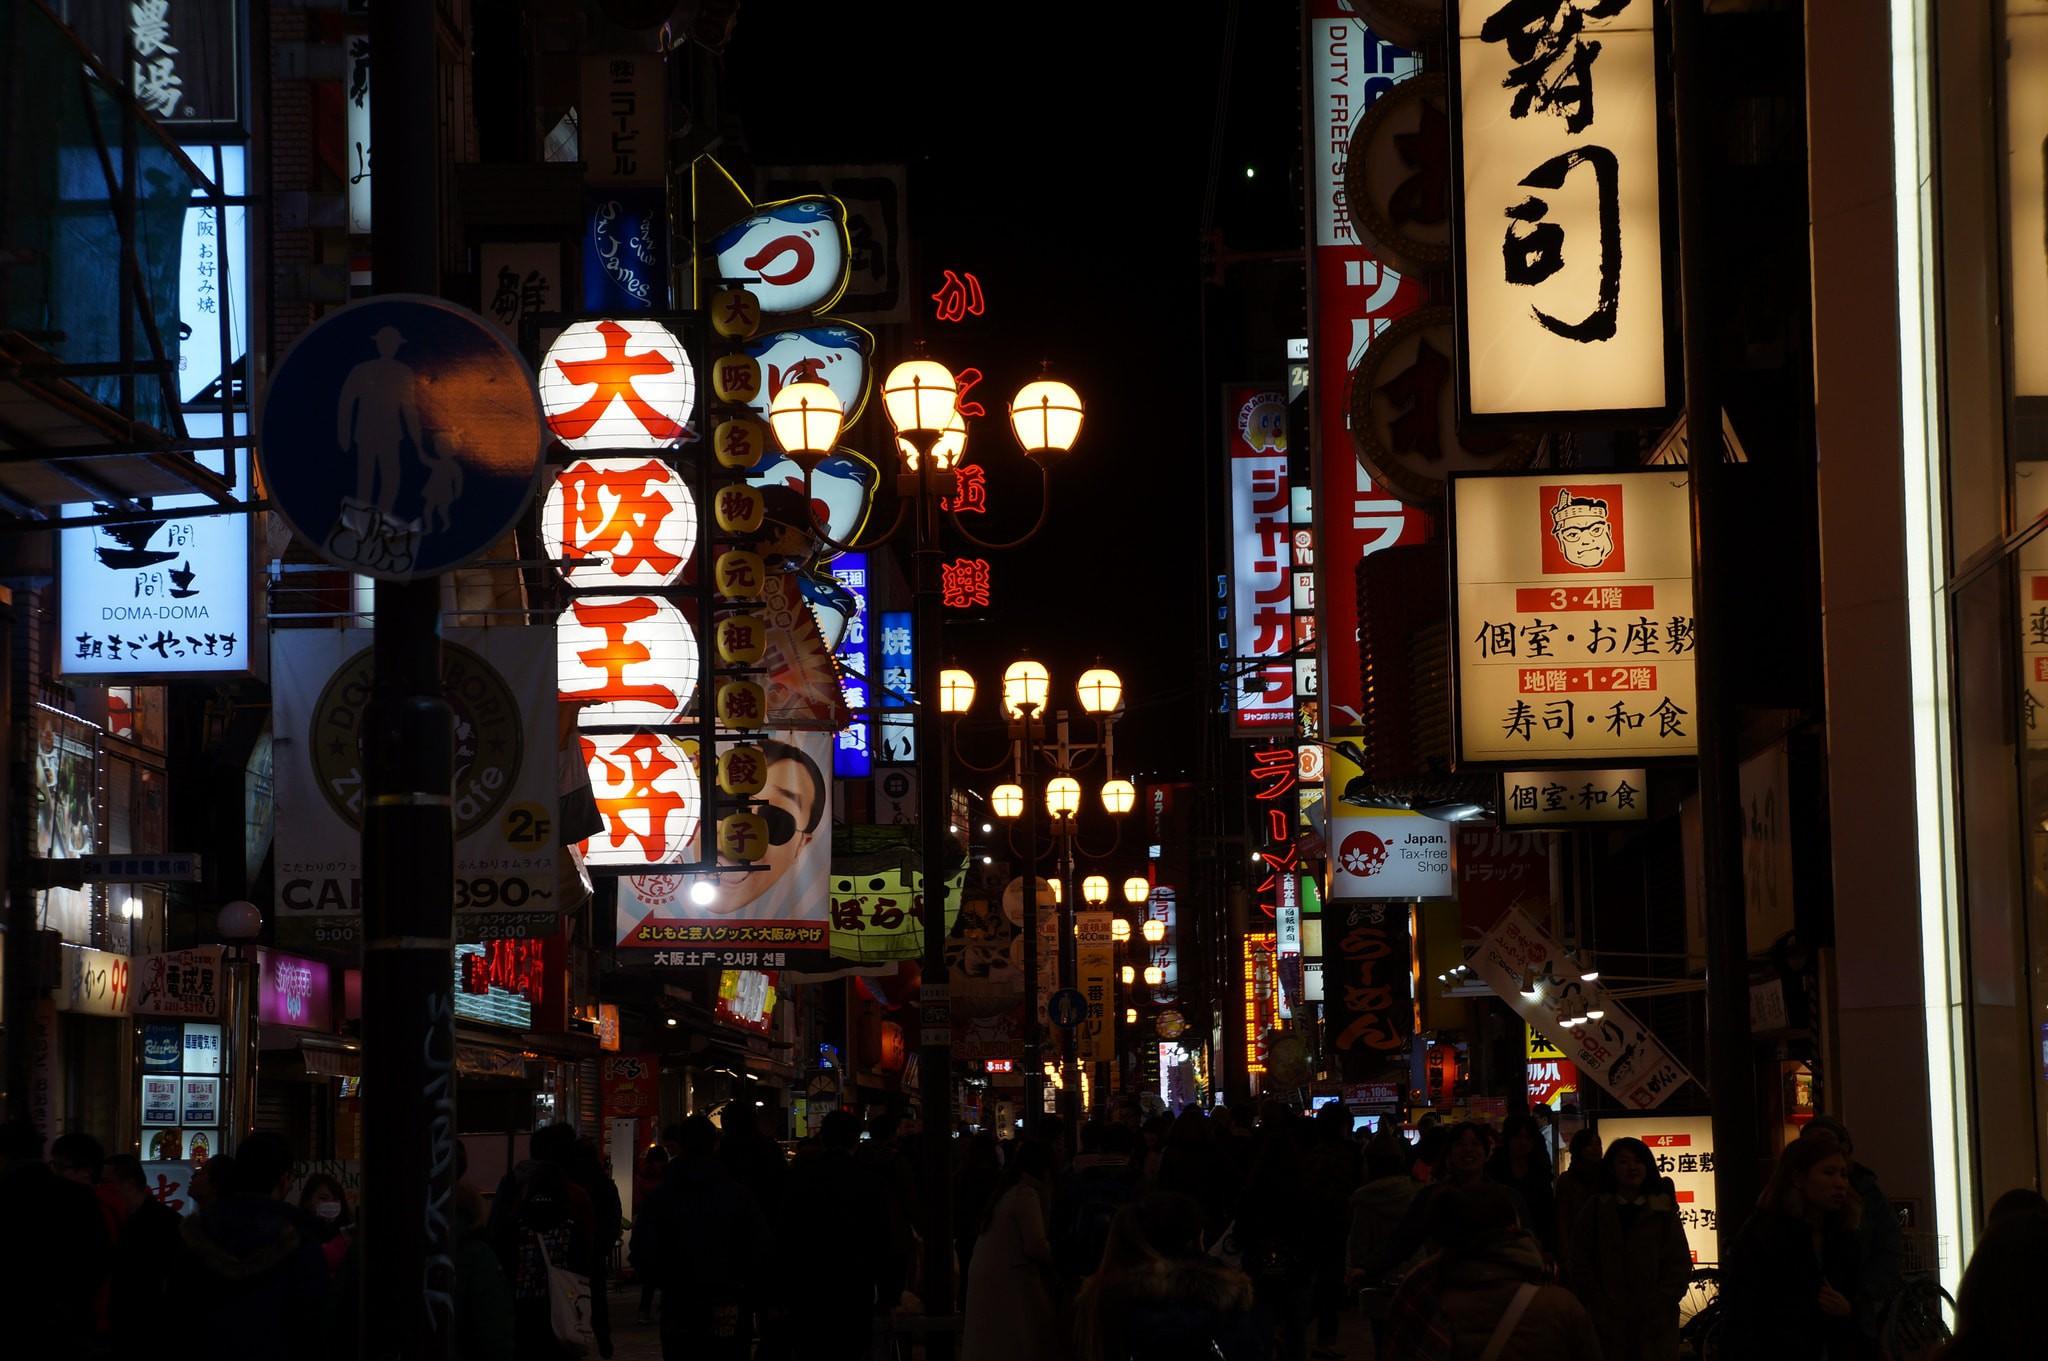 The 10 Best Bars in Shinsaibashi, Osaka